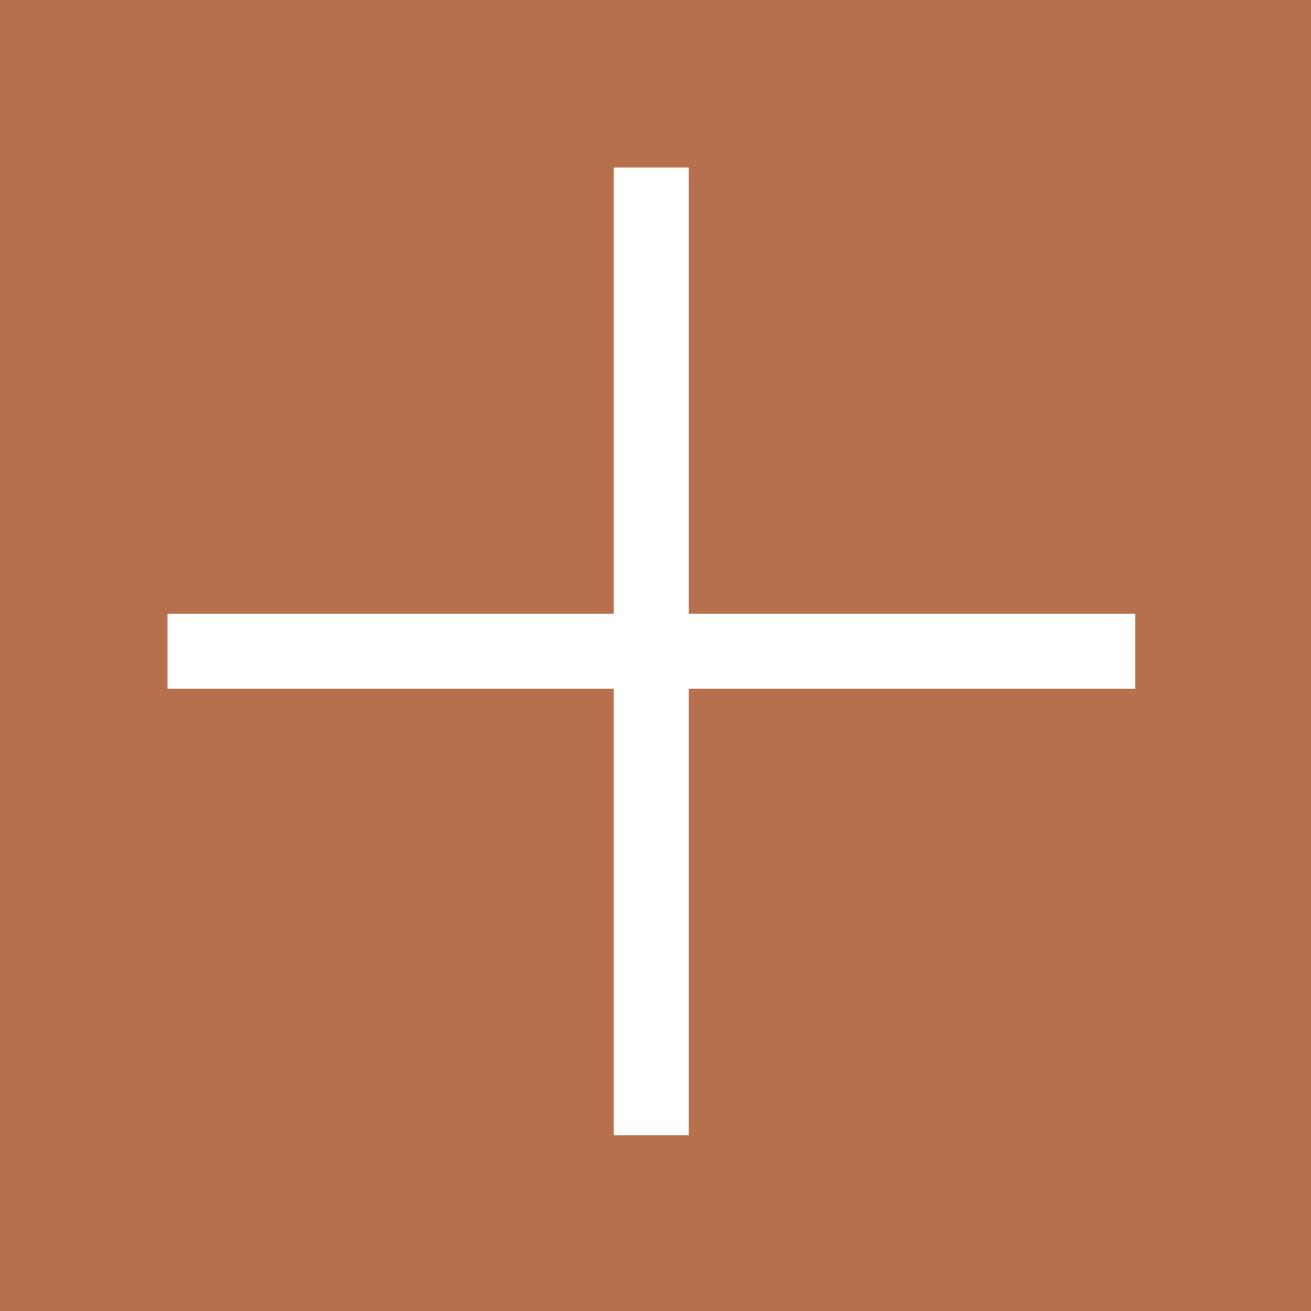 rustedoak_graphics-01.png